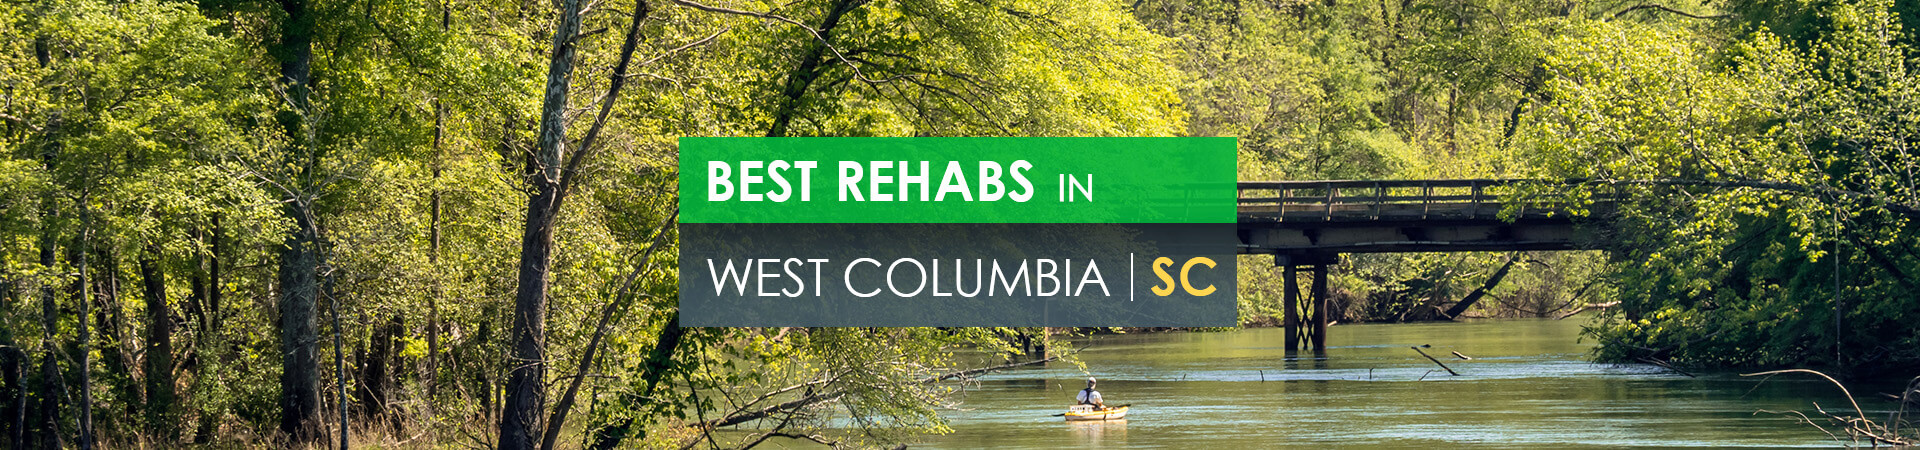 Best rehabs in West Columbia, SC